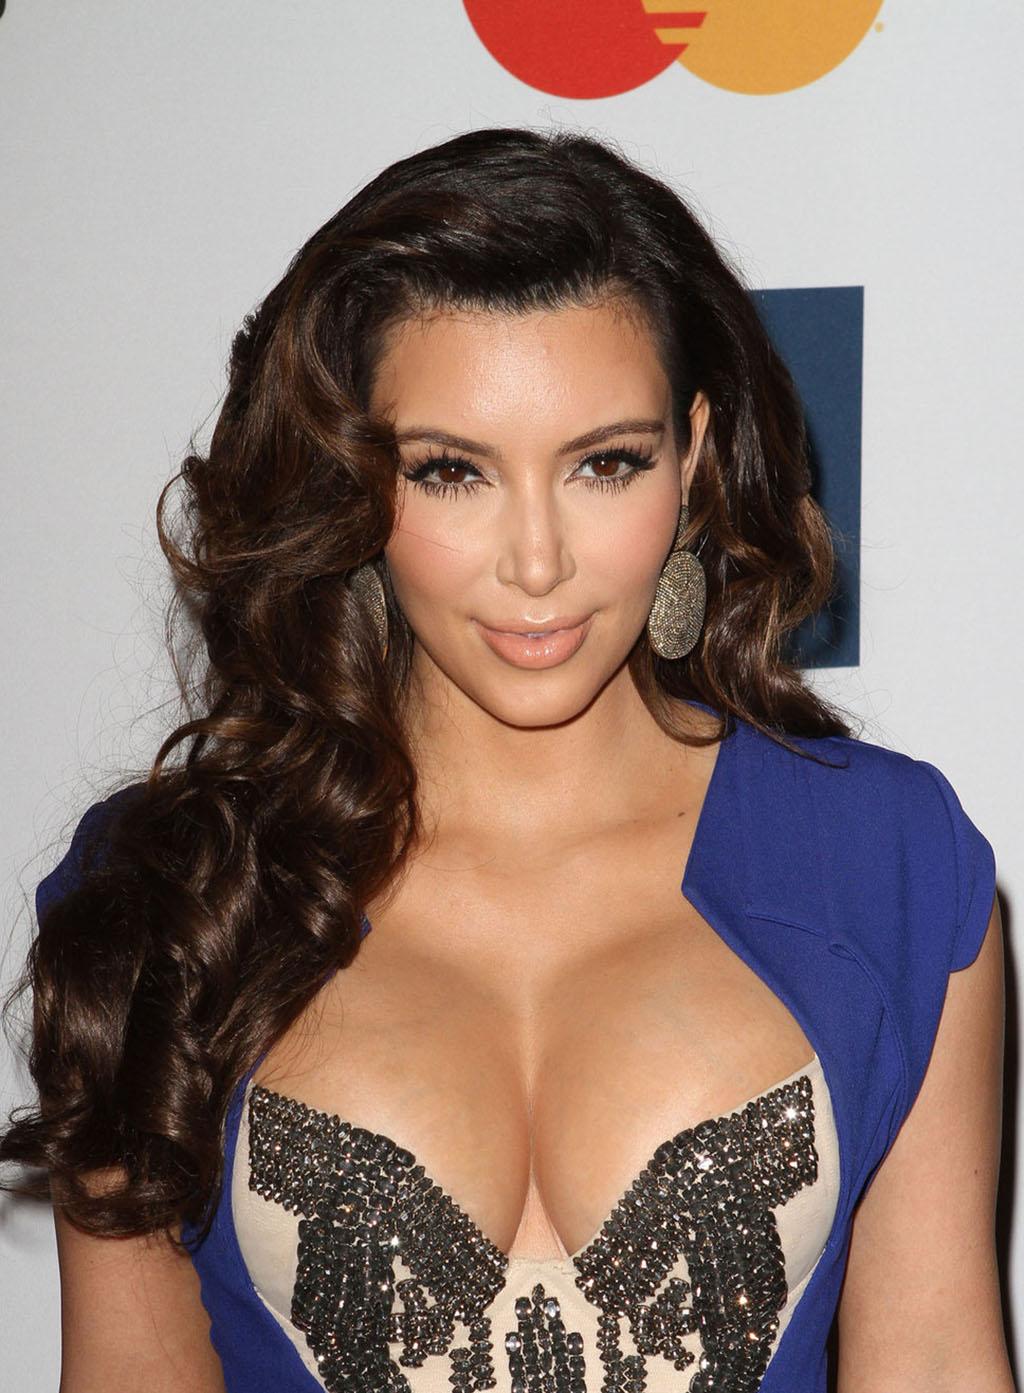 kim_kardashian_blue_dress-decolte1024